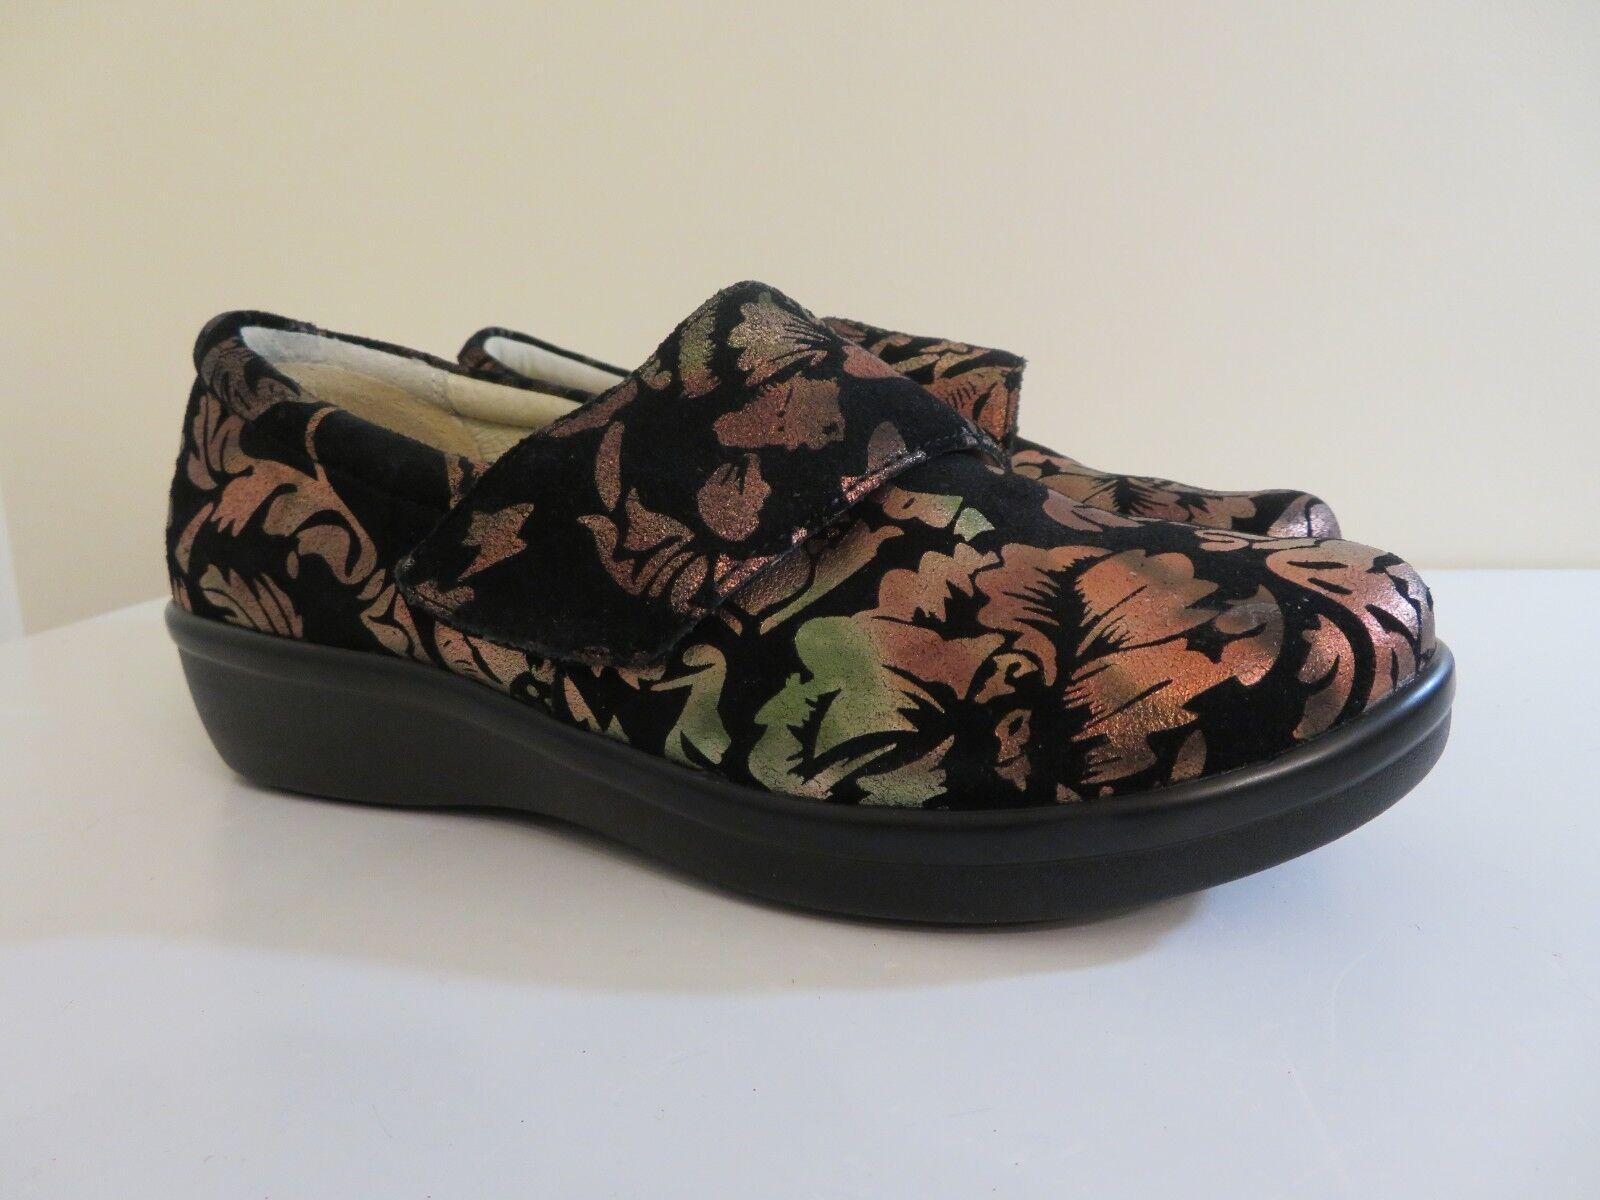 Alegria Impreso Nubuck Zapatos w correa de cruz Lauryn 37 37 37 37W  edición limitada